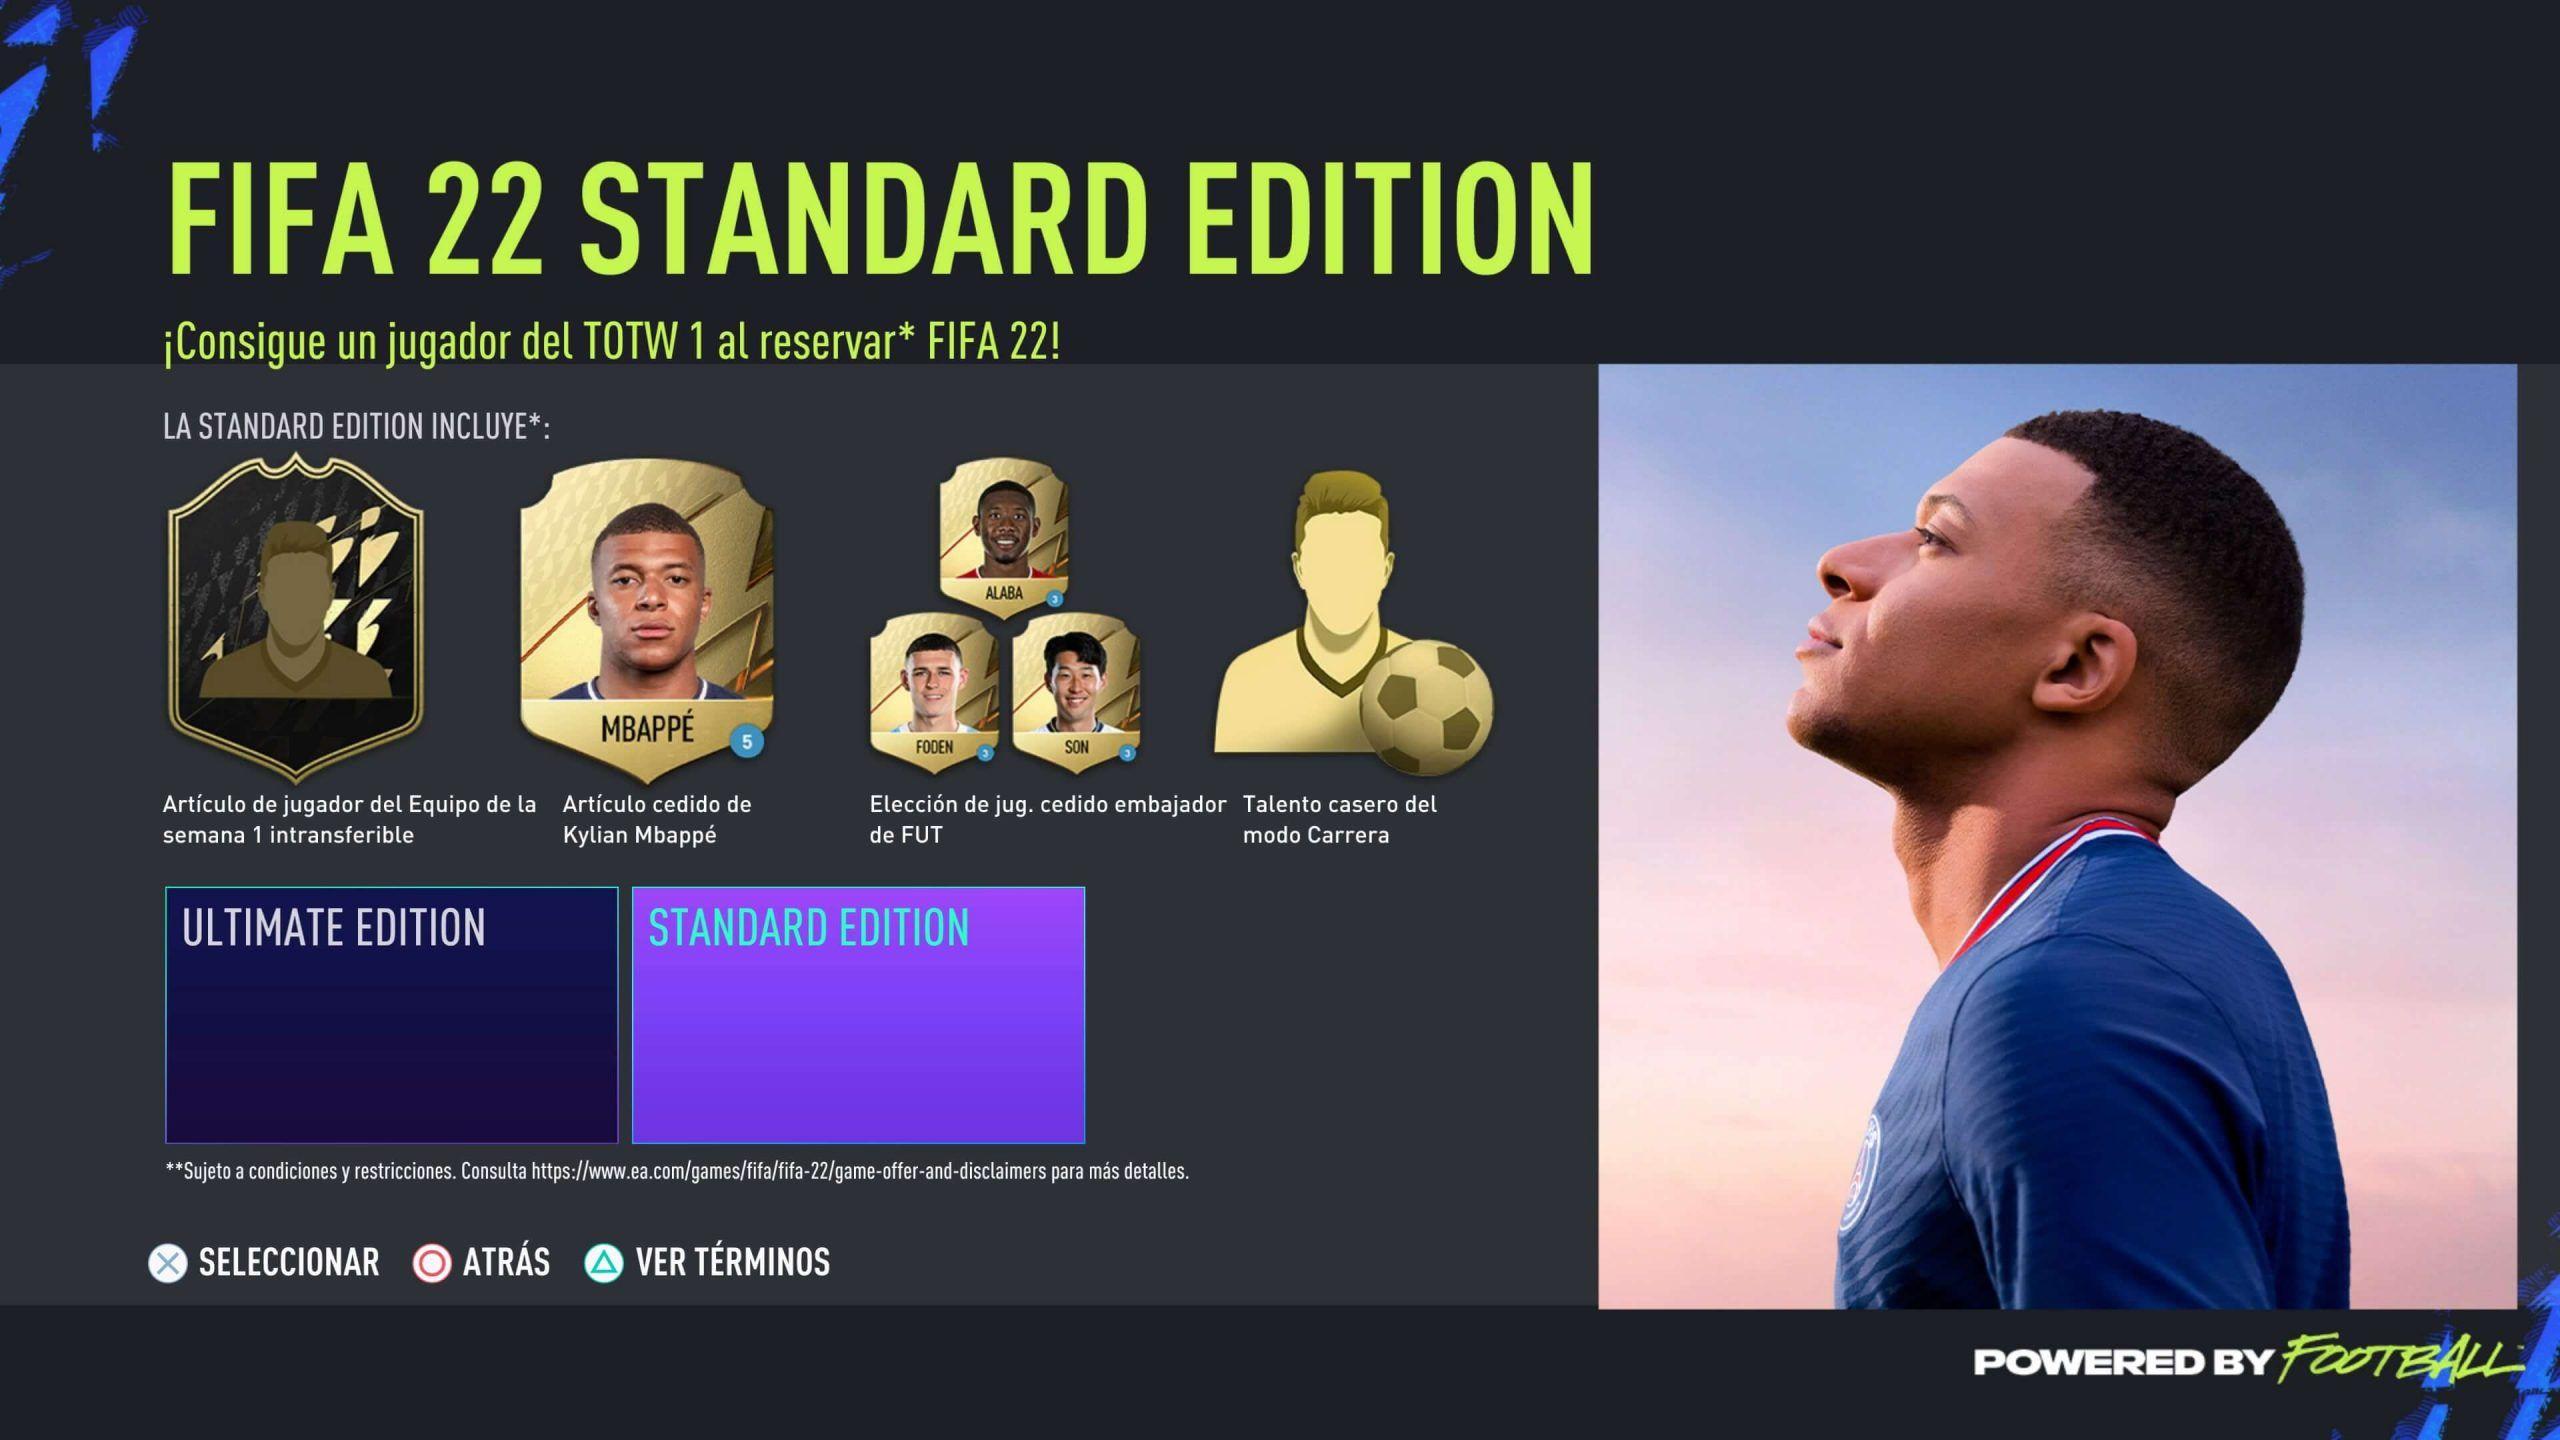 Edición Estándar de FIFA 22